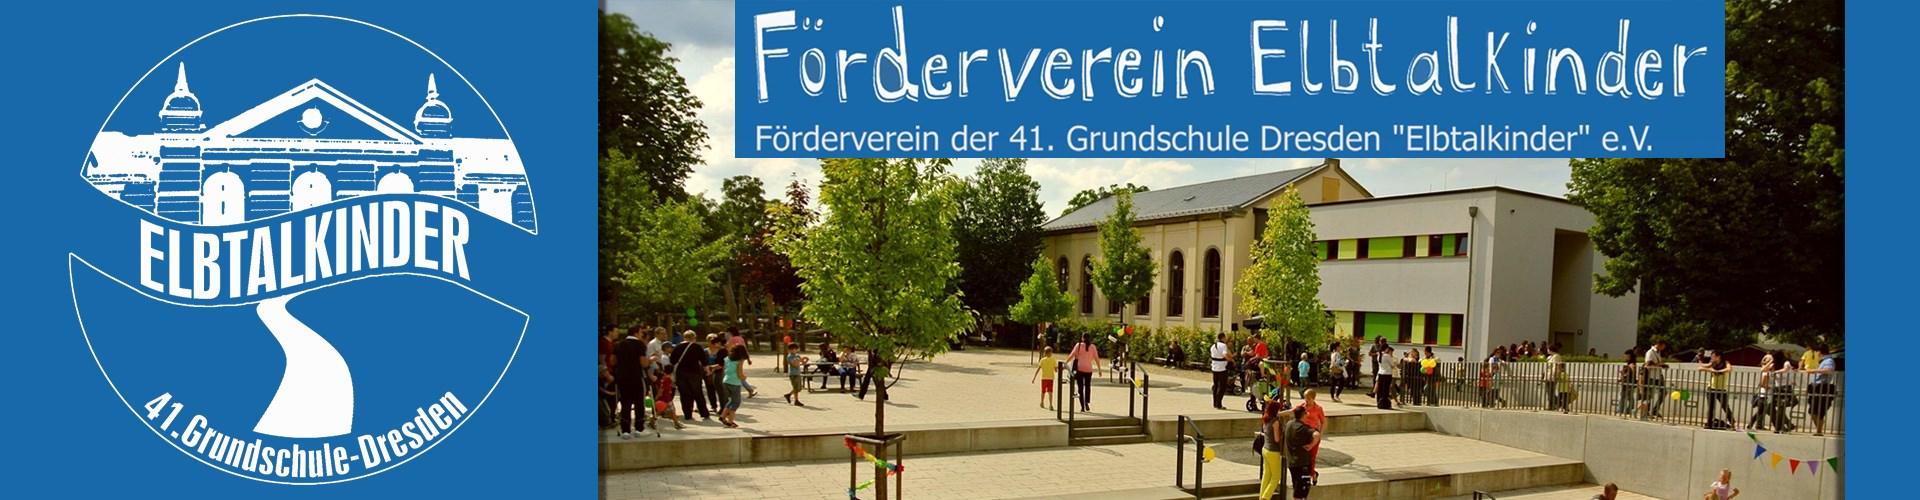 Förderverein Elbtalkinder e.V.-Banner